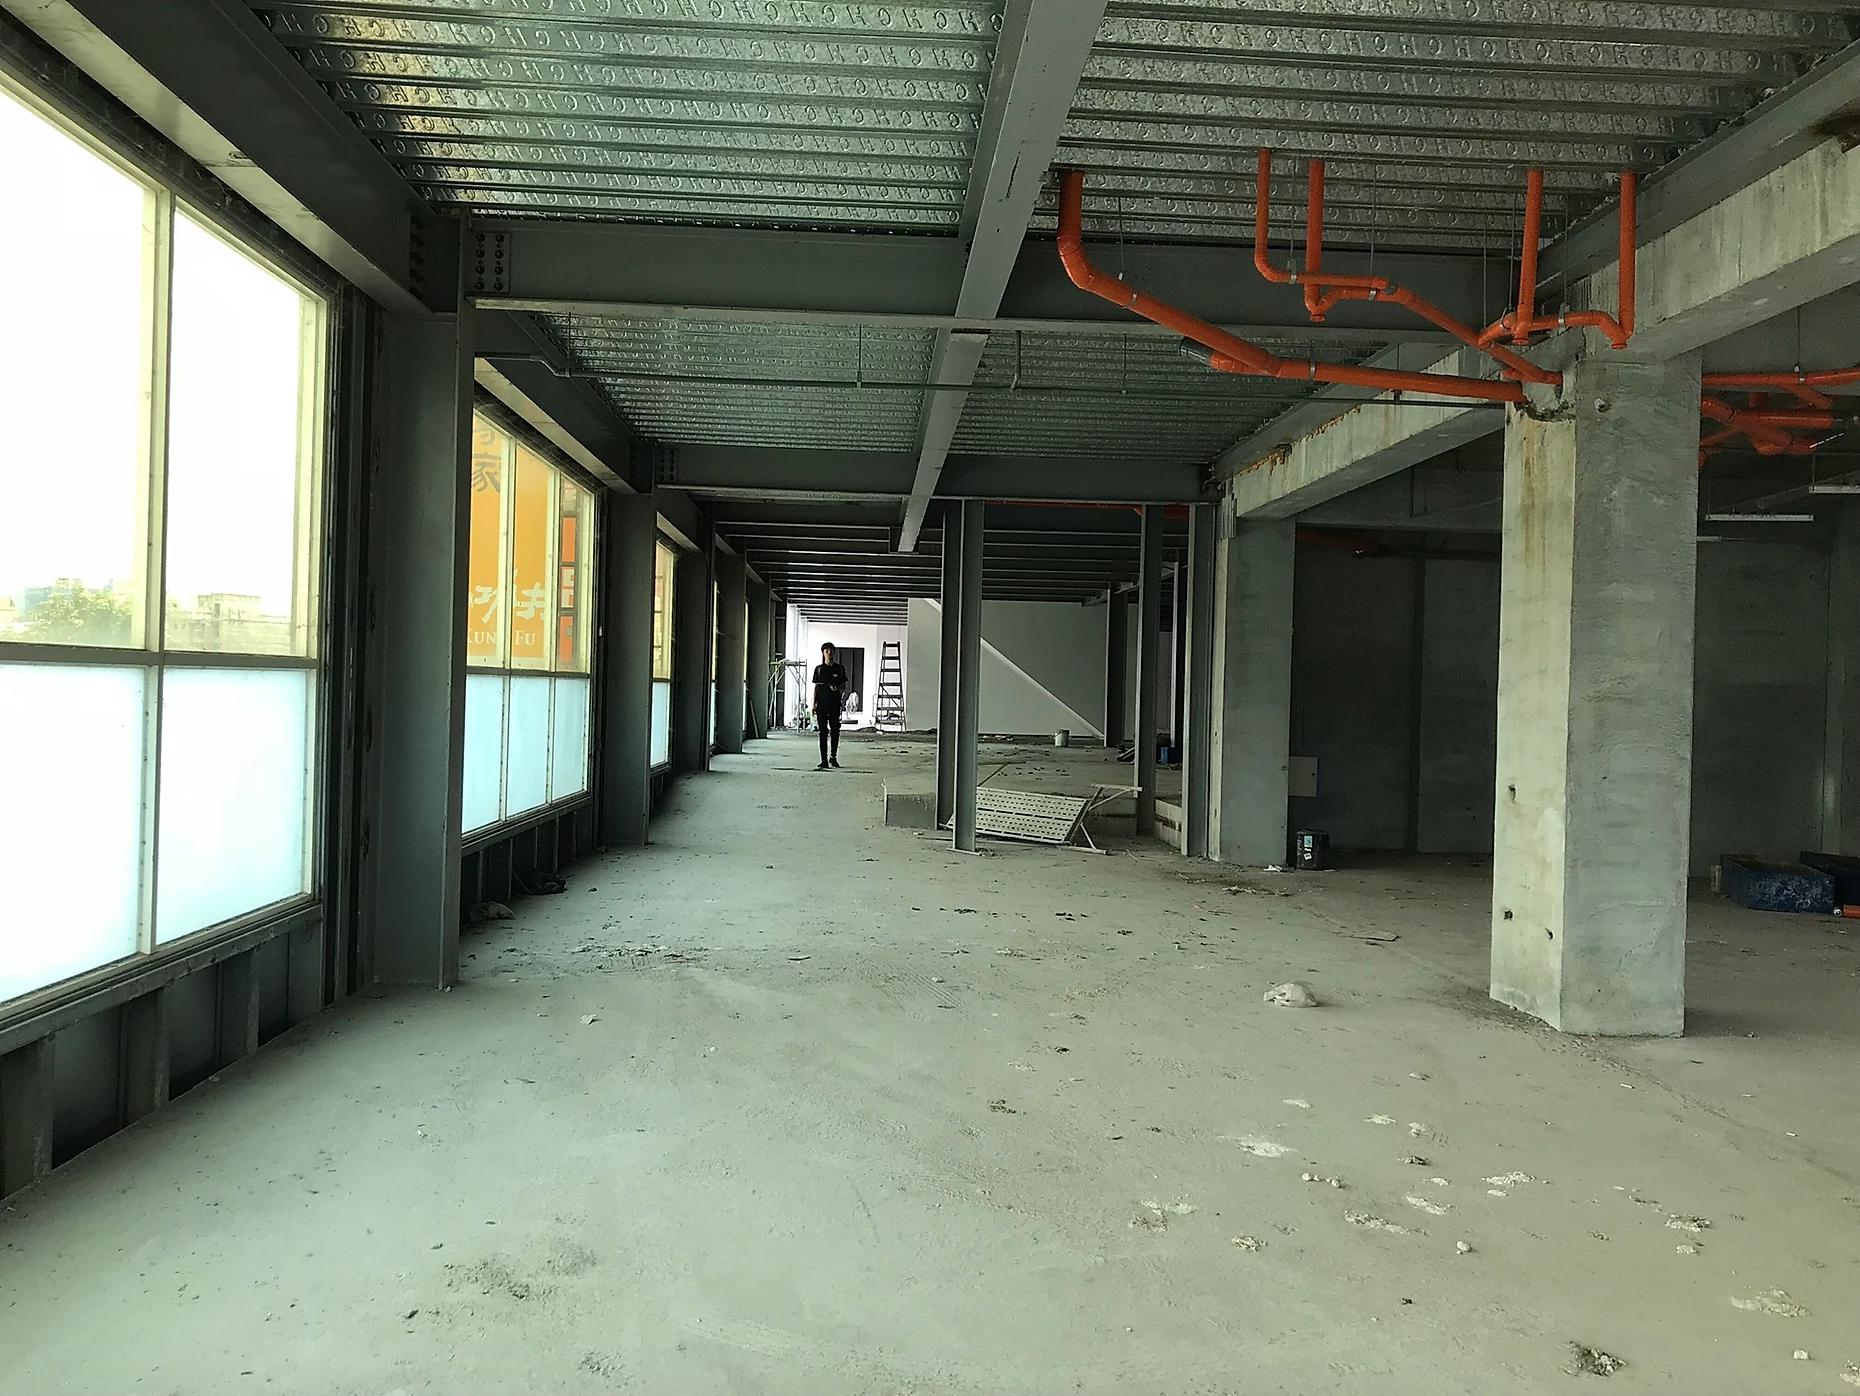 德築-DEZU-project-德築建築工場-architecture-interior-renovation-2